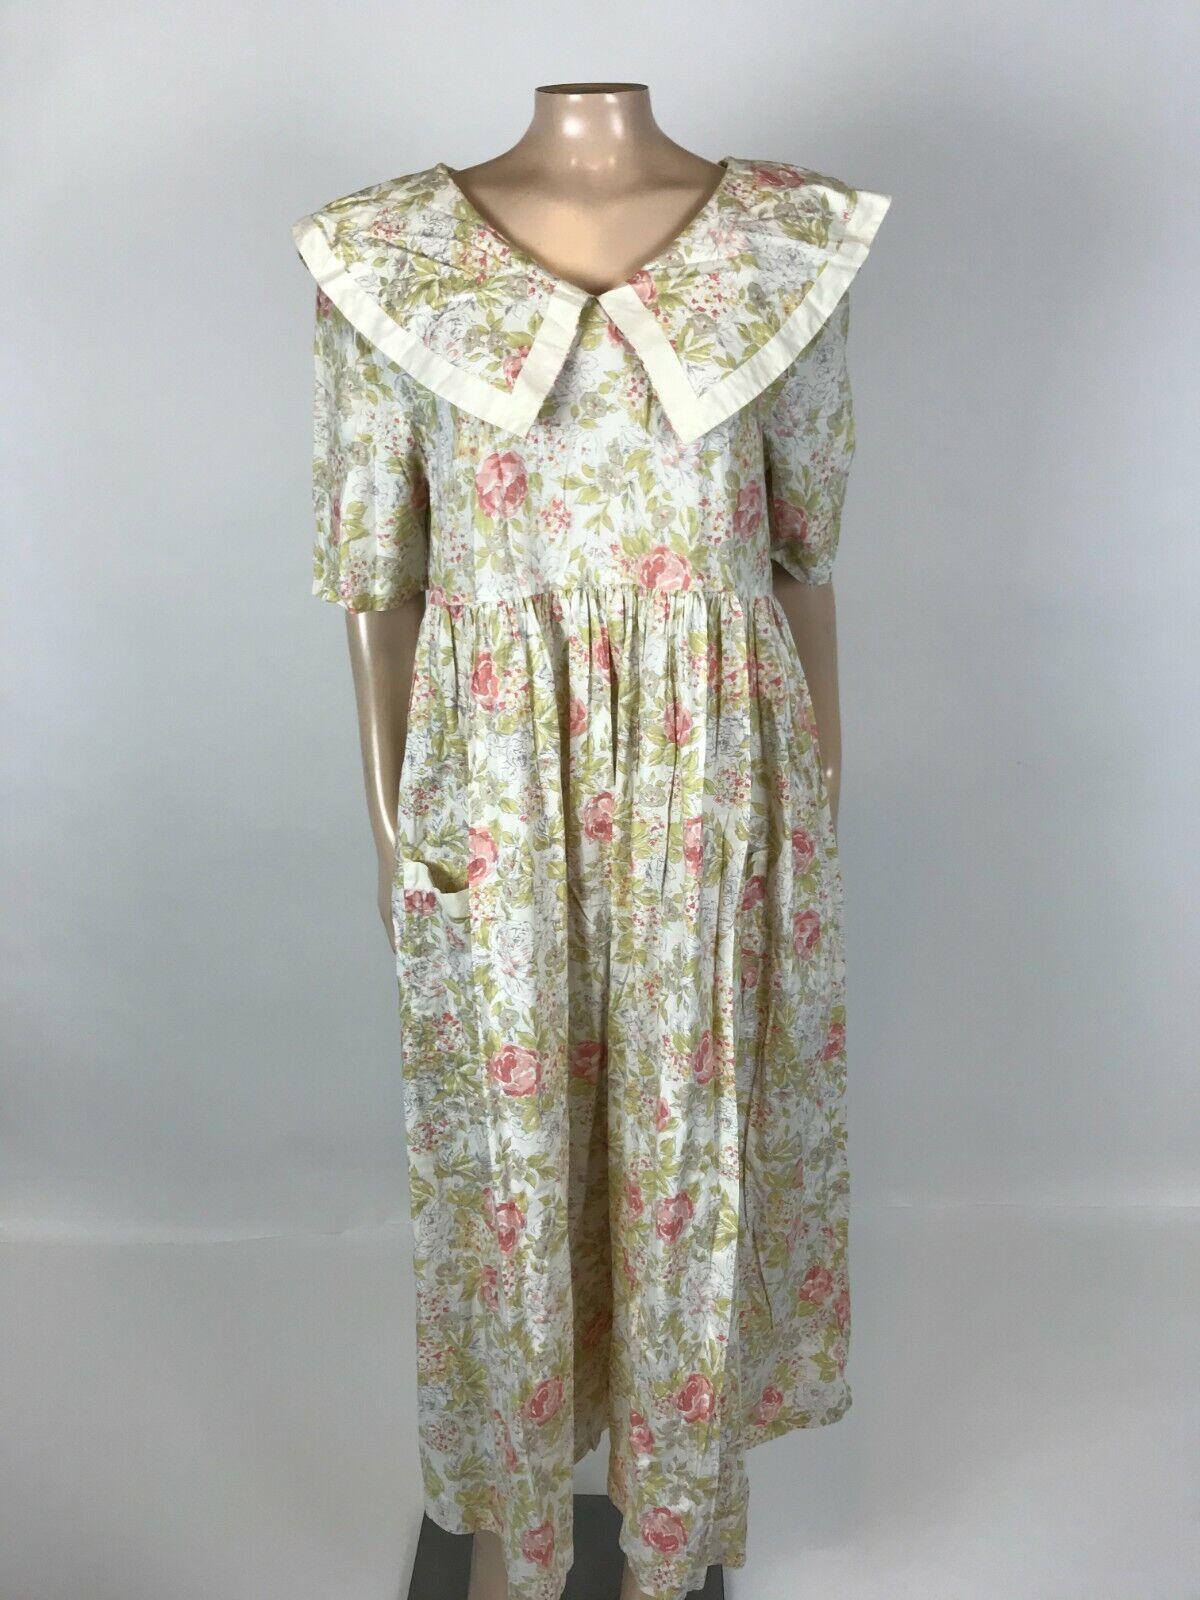 Vintage 90's 90's Laura Ashley Women's Dress Flor… - image 1